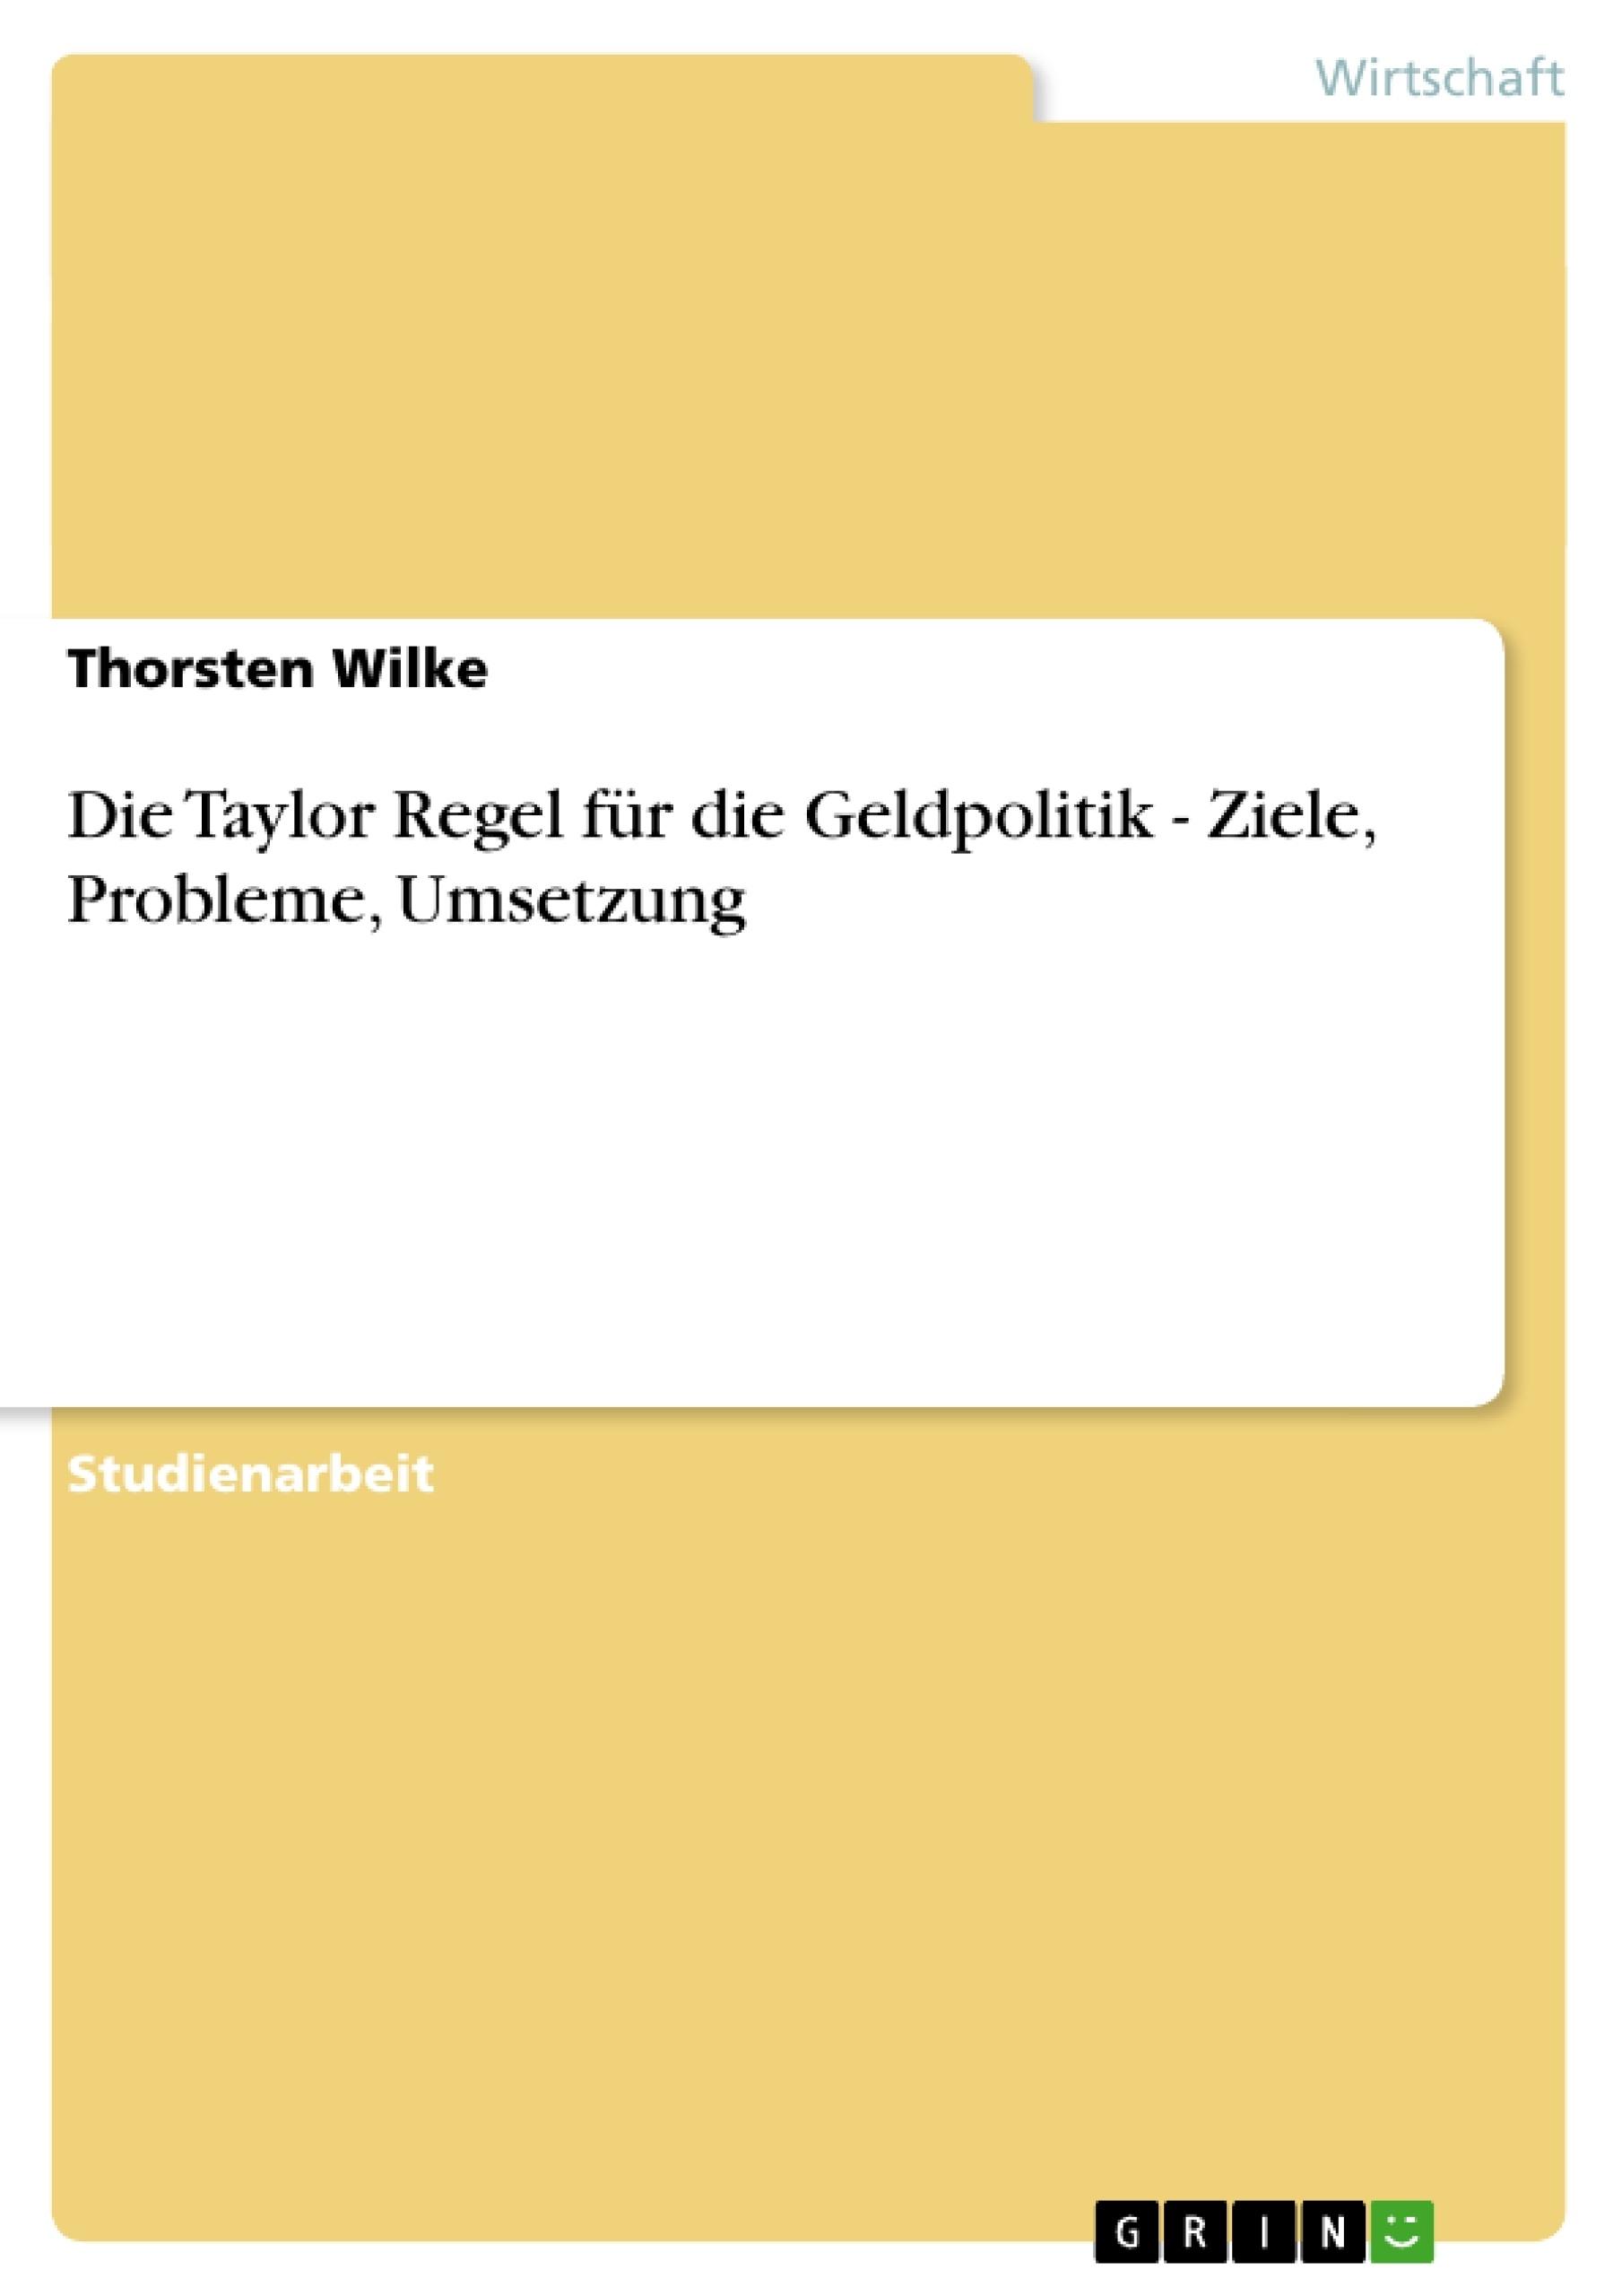 Titel: Die Taylor Regel für die Geldpolitik - Ziele, Probleme, Umsetzung